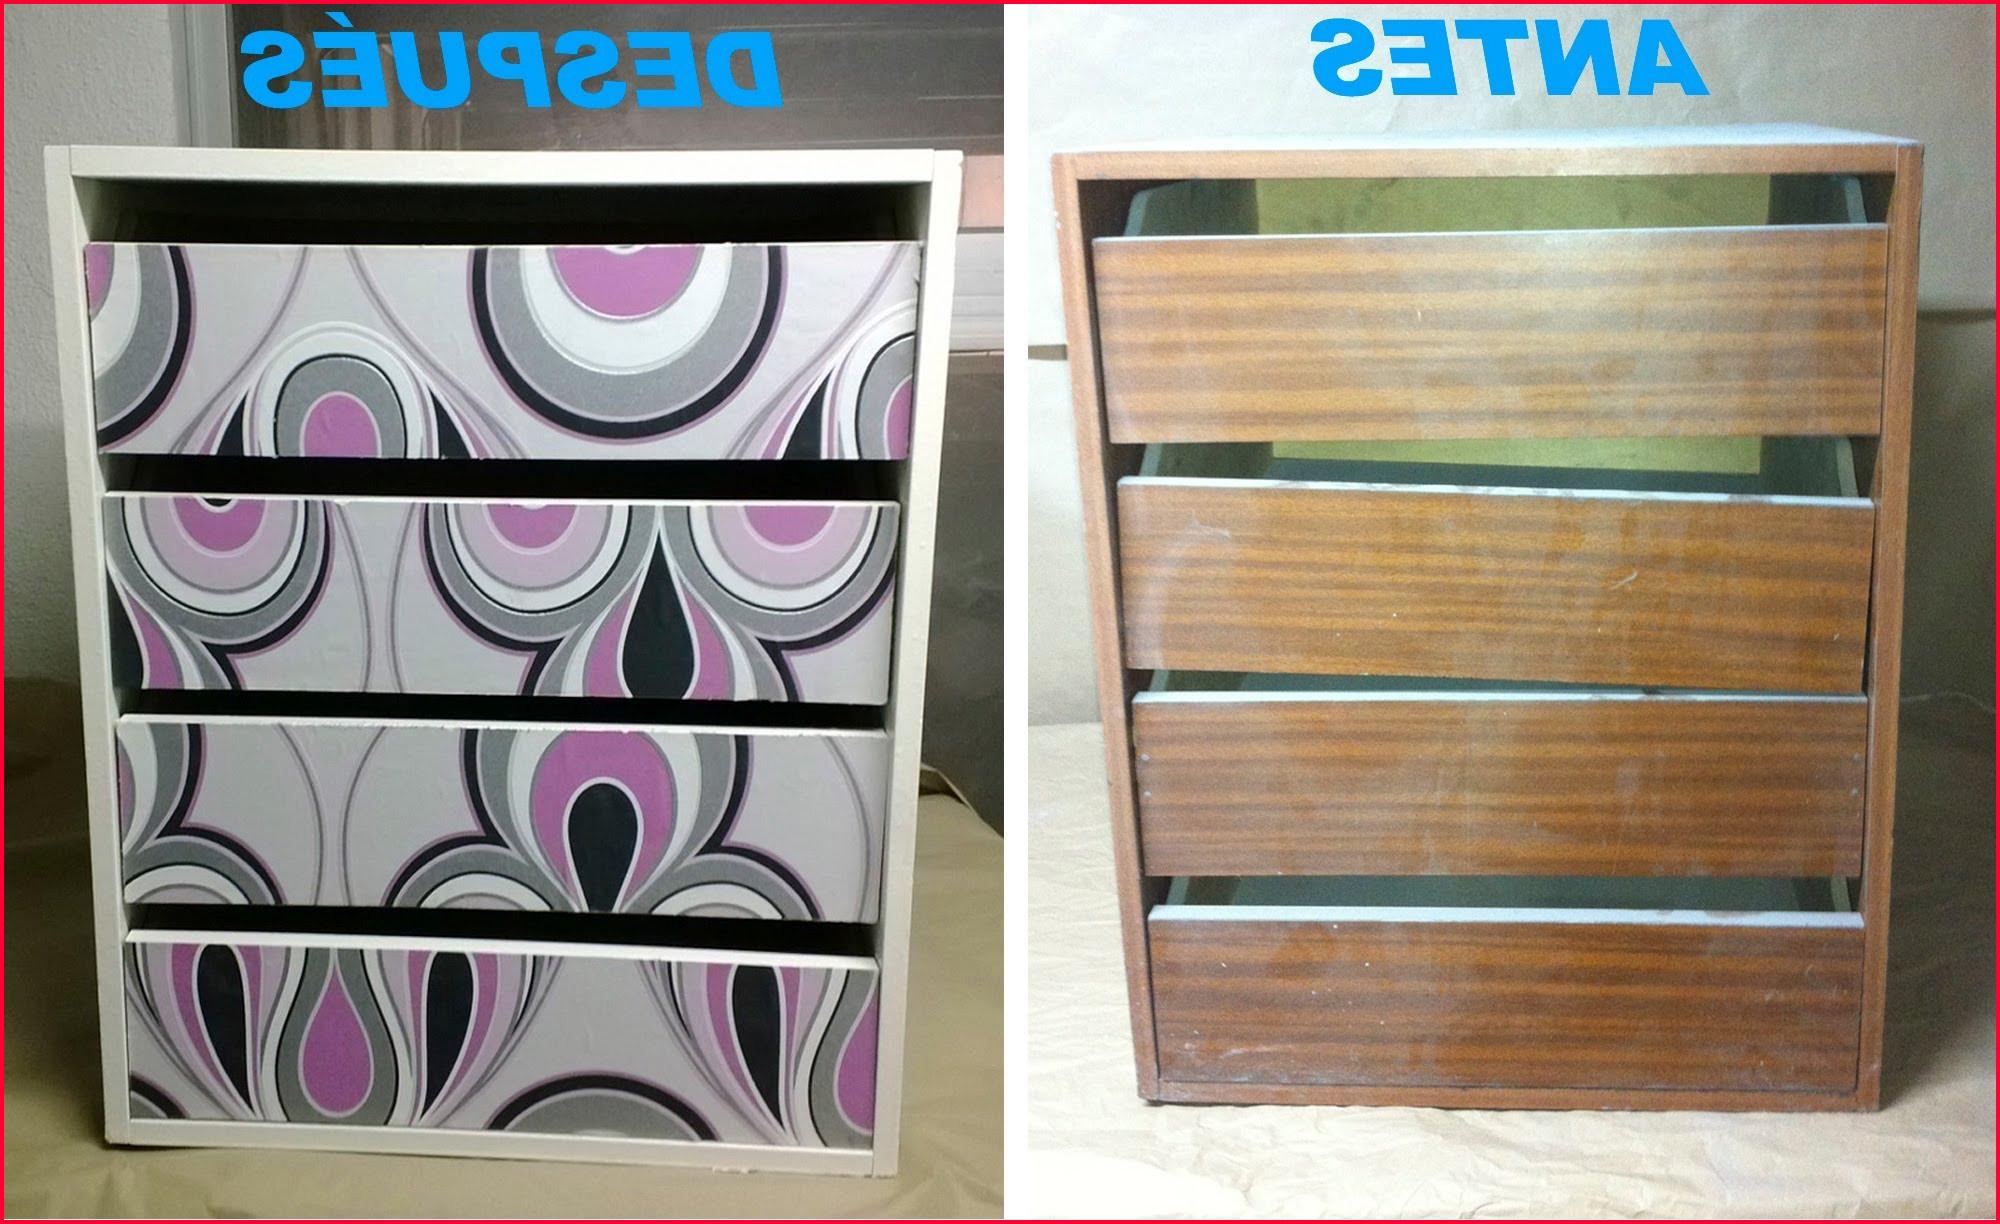 Vinilos Adhesivos Para Muebles Xtd6 Vinilo Adhesivo Para Muebles CÂ Mo Decorar Un Mueble Con Papel